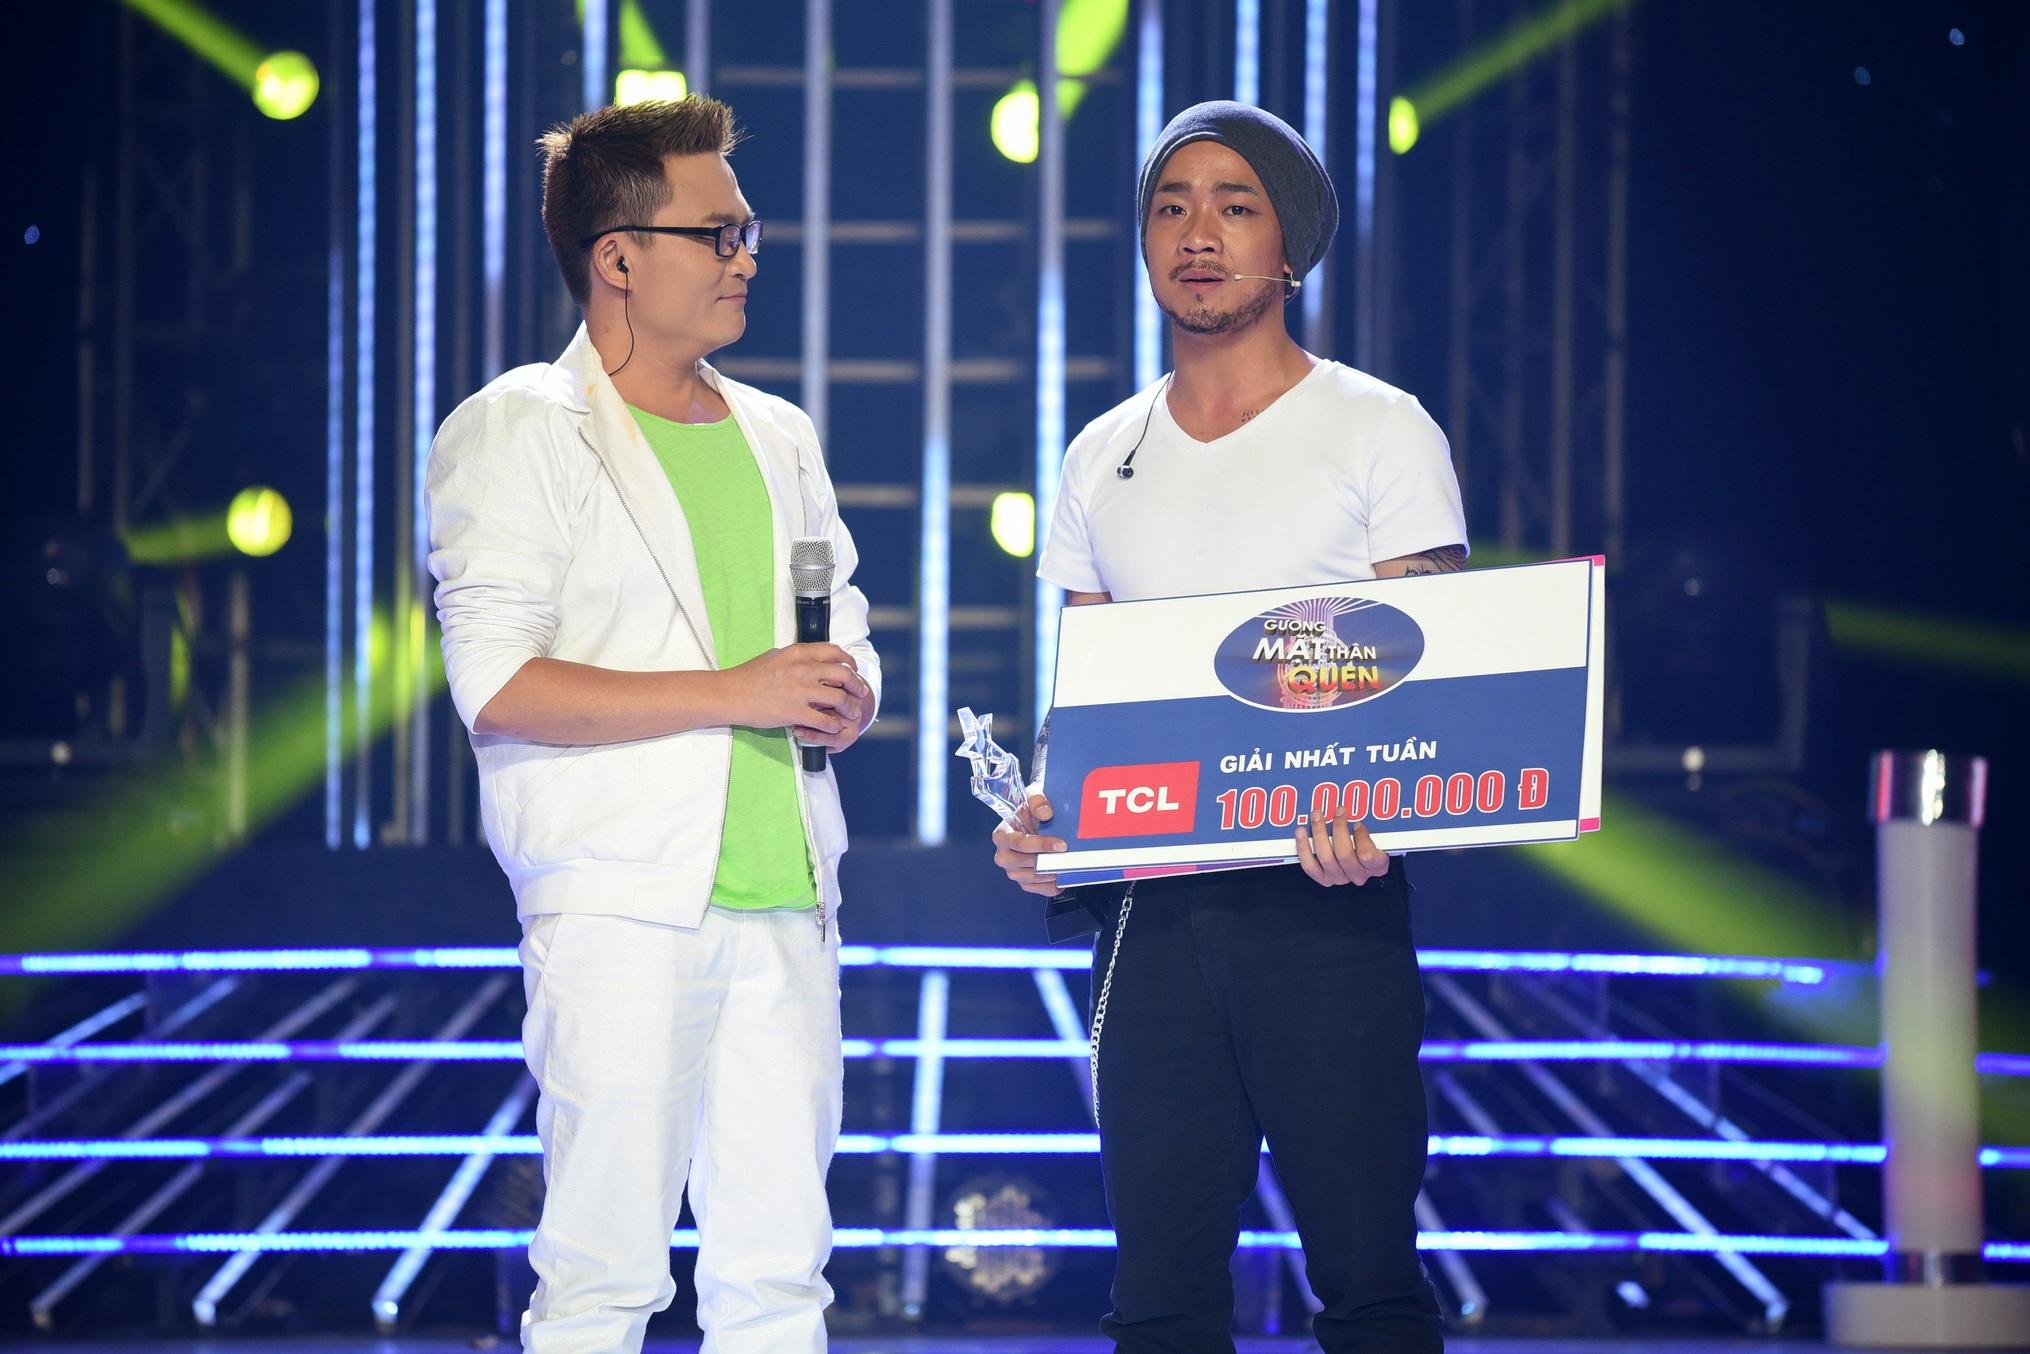 Với phần trình diễn ấn tượng và nhiều cảm xúc, Đỗ Duy Nam giành chiến thắng tuần 100 triệu trong phần thi hóa thân thành nghệ sĩ Trần Lập